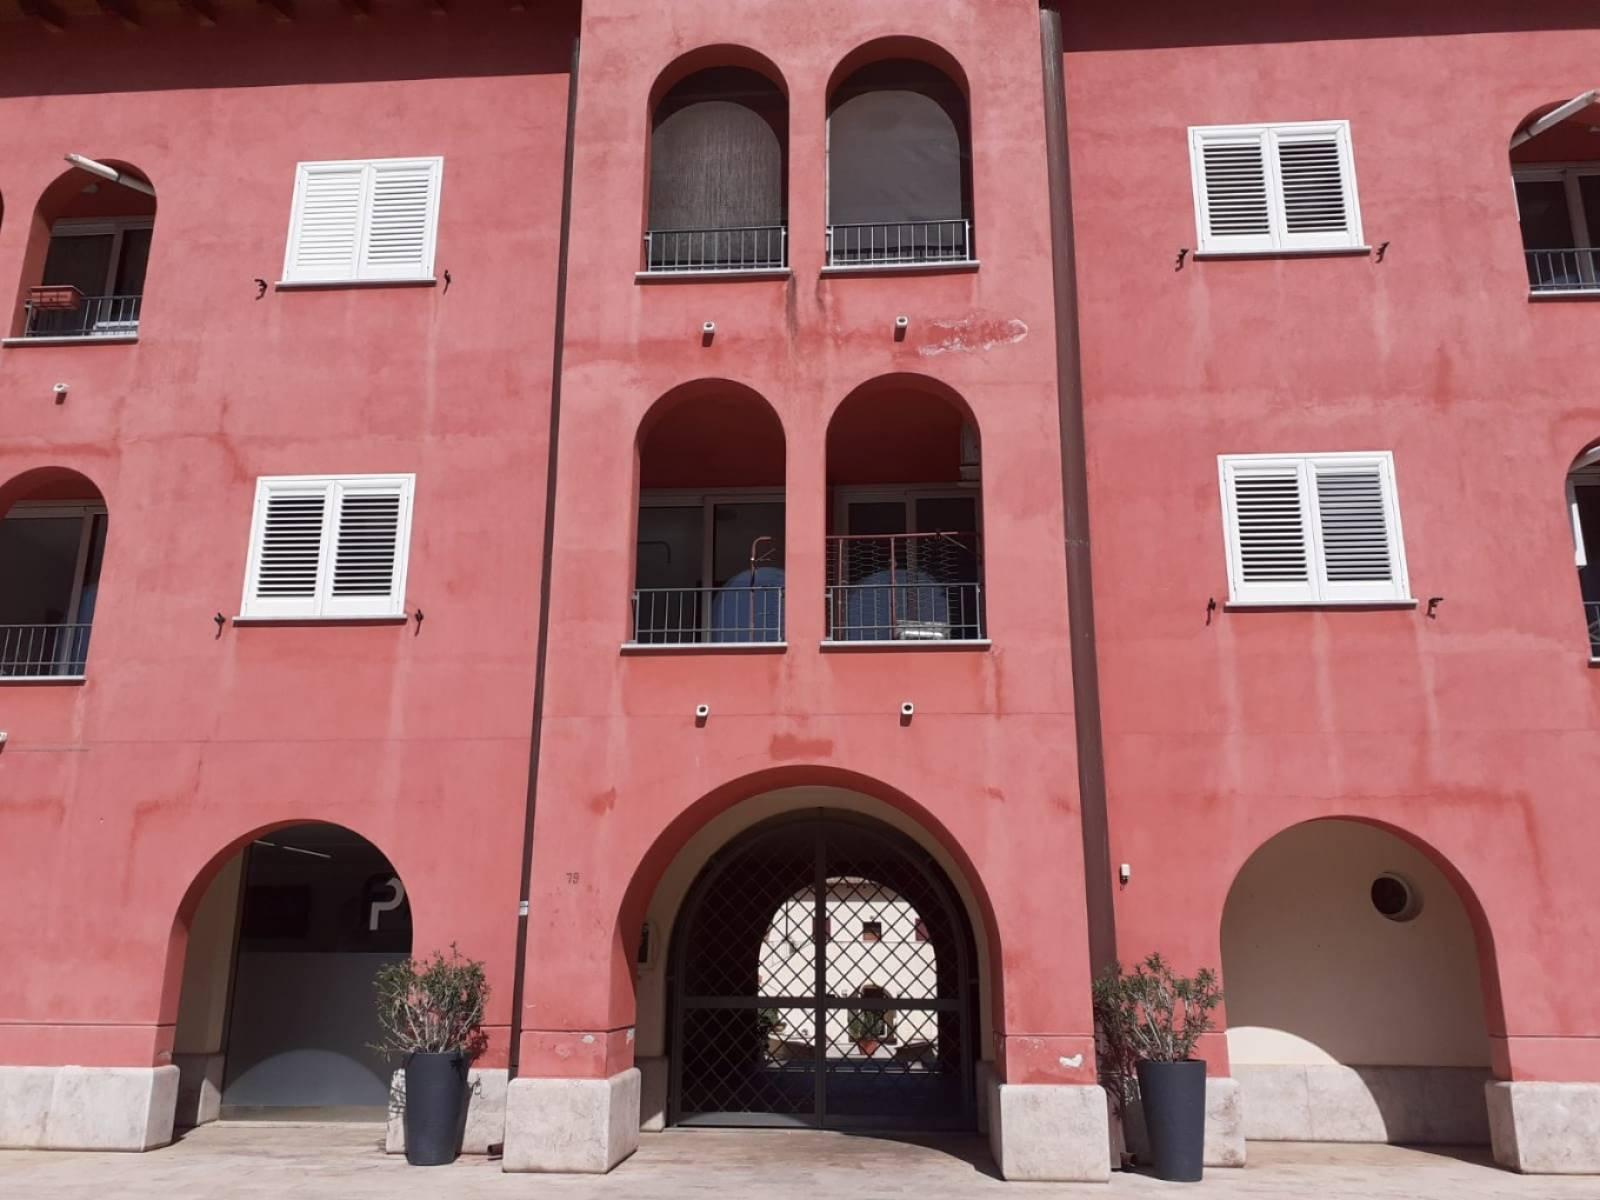 Appartamento in vendita a Cinisi, 3 locali, prezzo € 98.000 | PortaleAgenzieImmobiliari.it